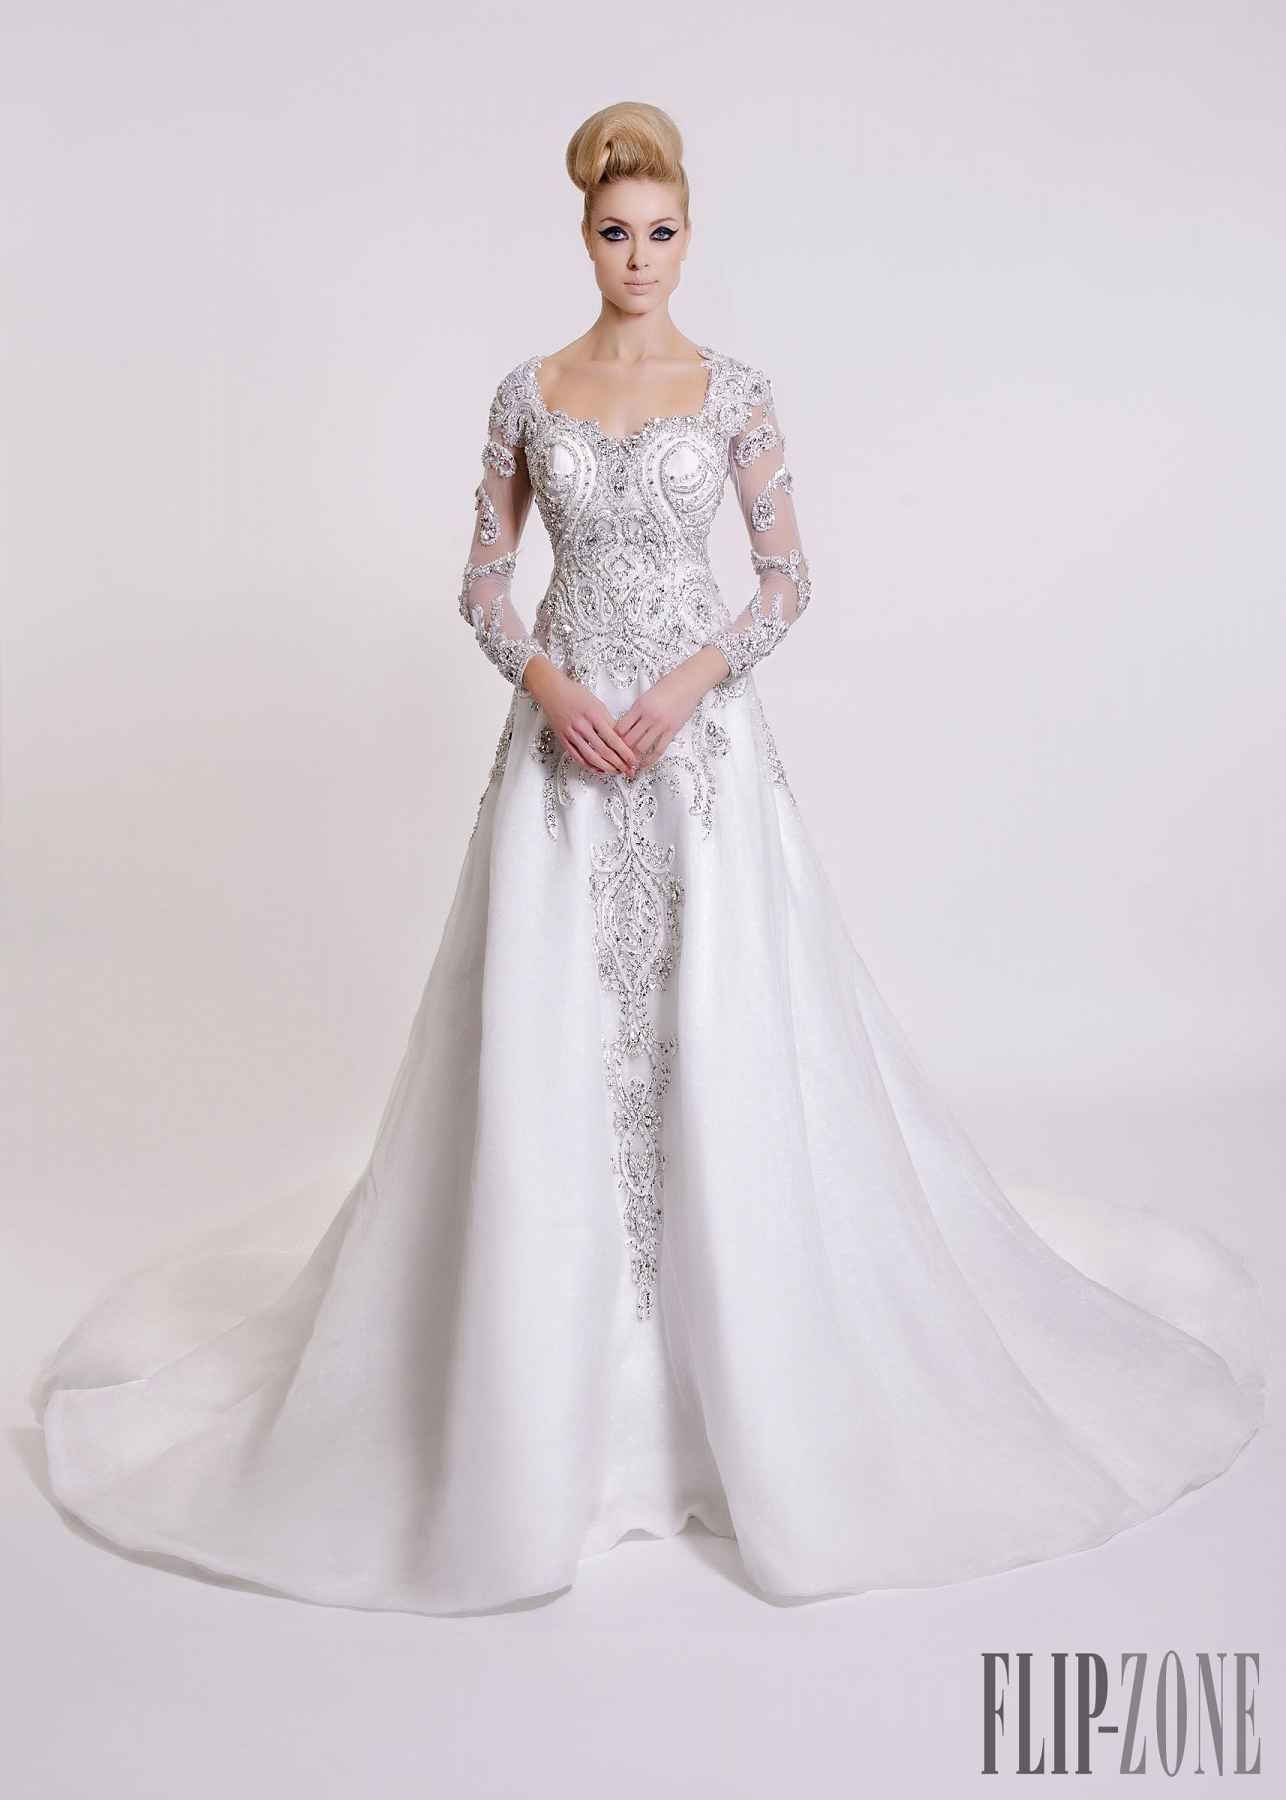 Dar sara coleção nupcial bridal gowns and weddings